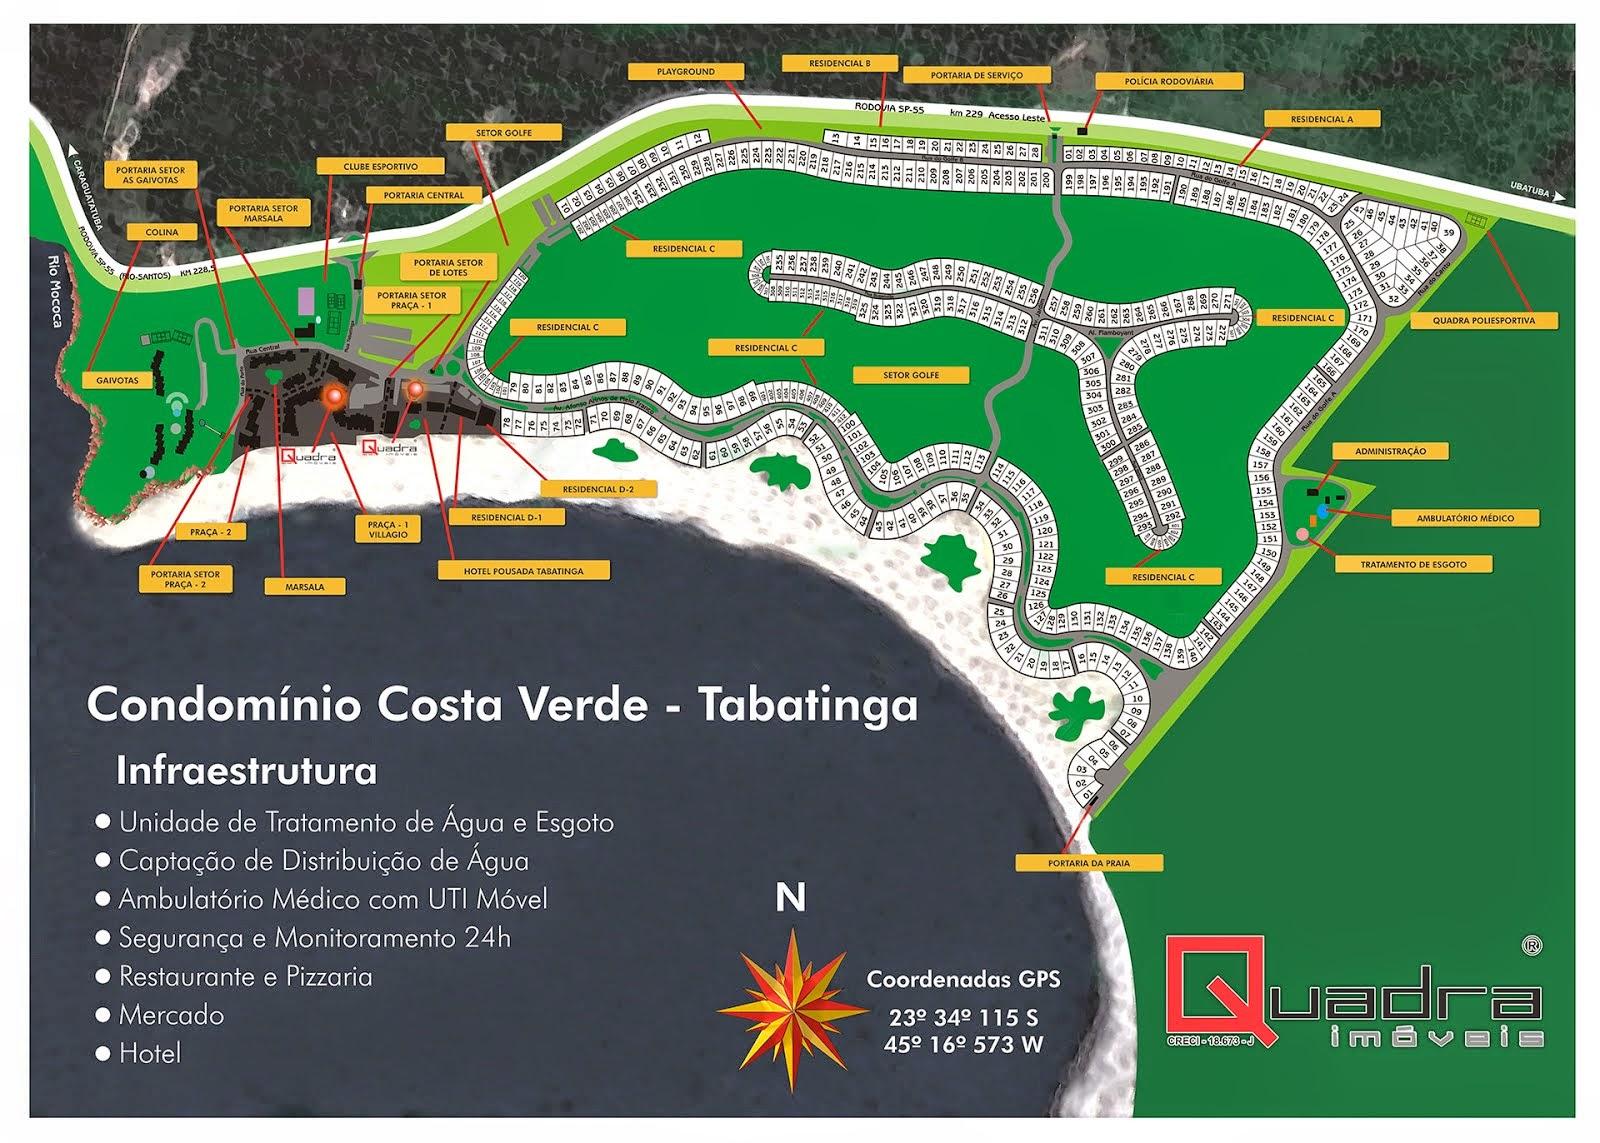 Condomínio Costa Verde Tabatinga